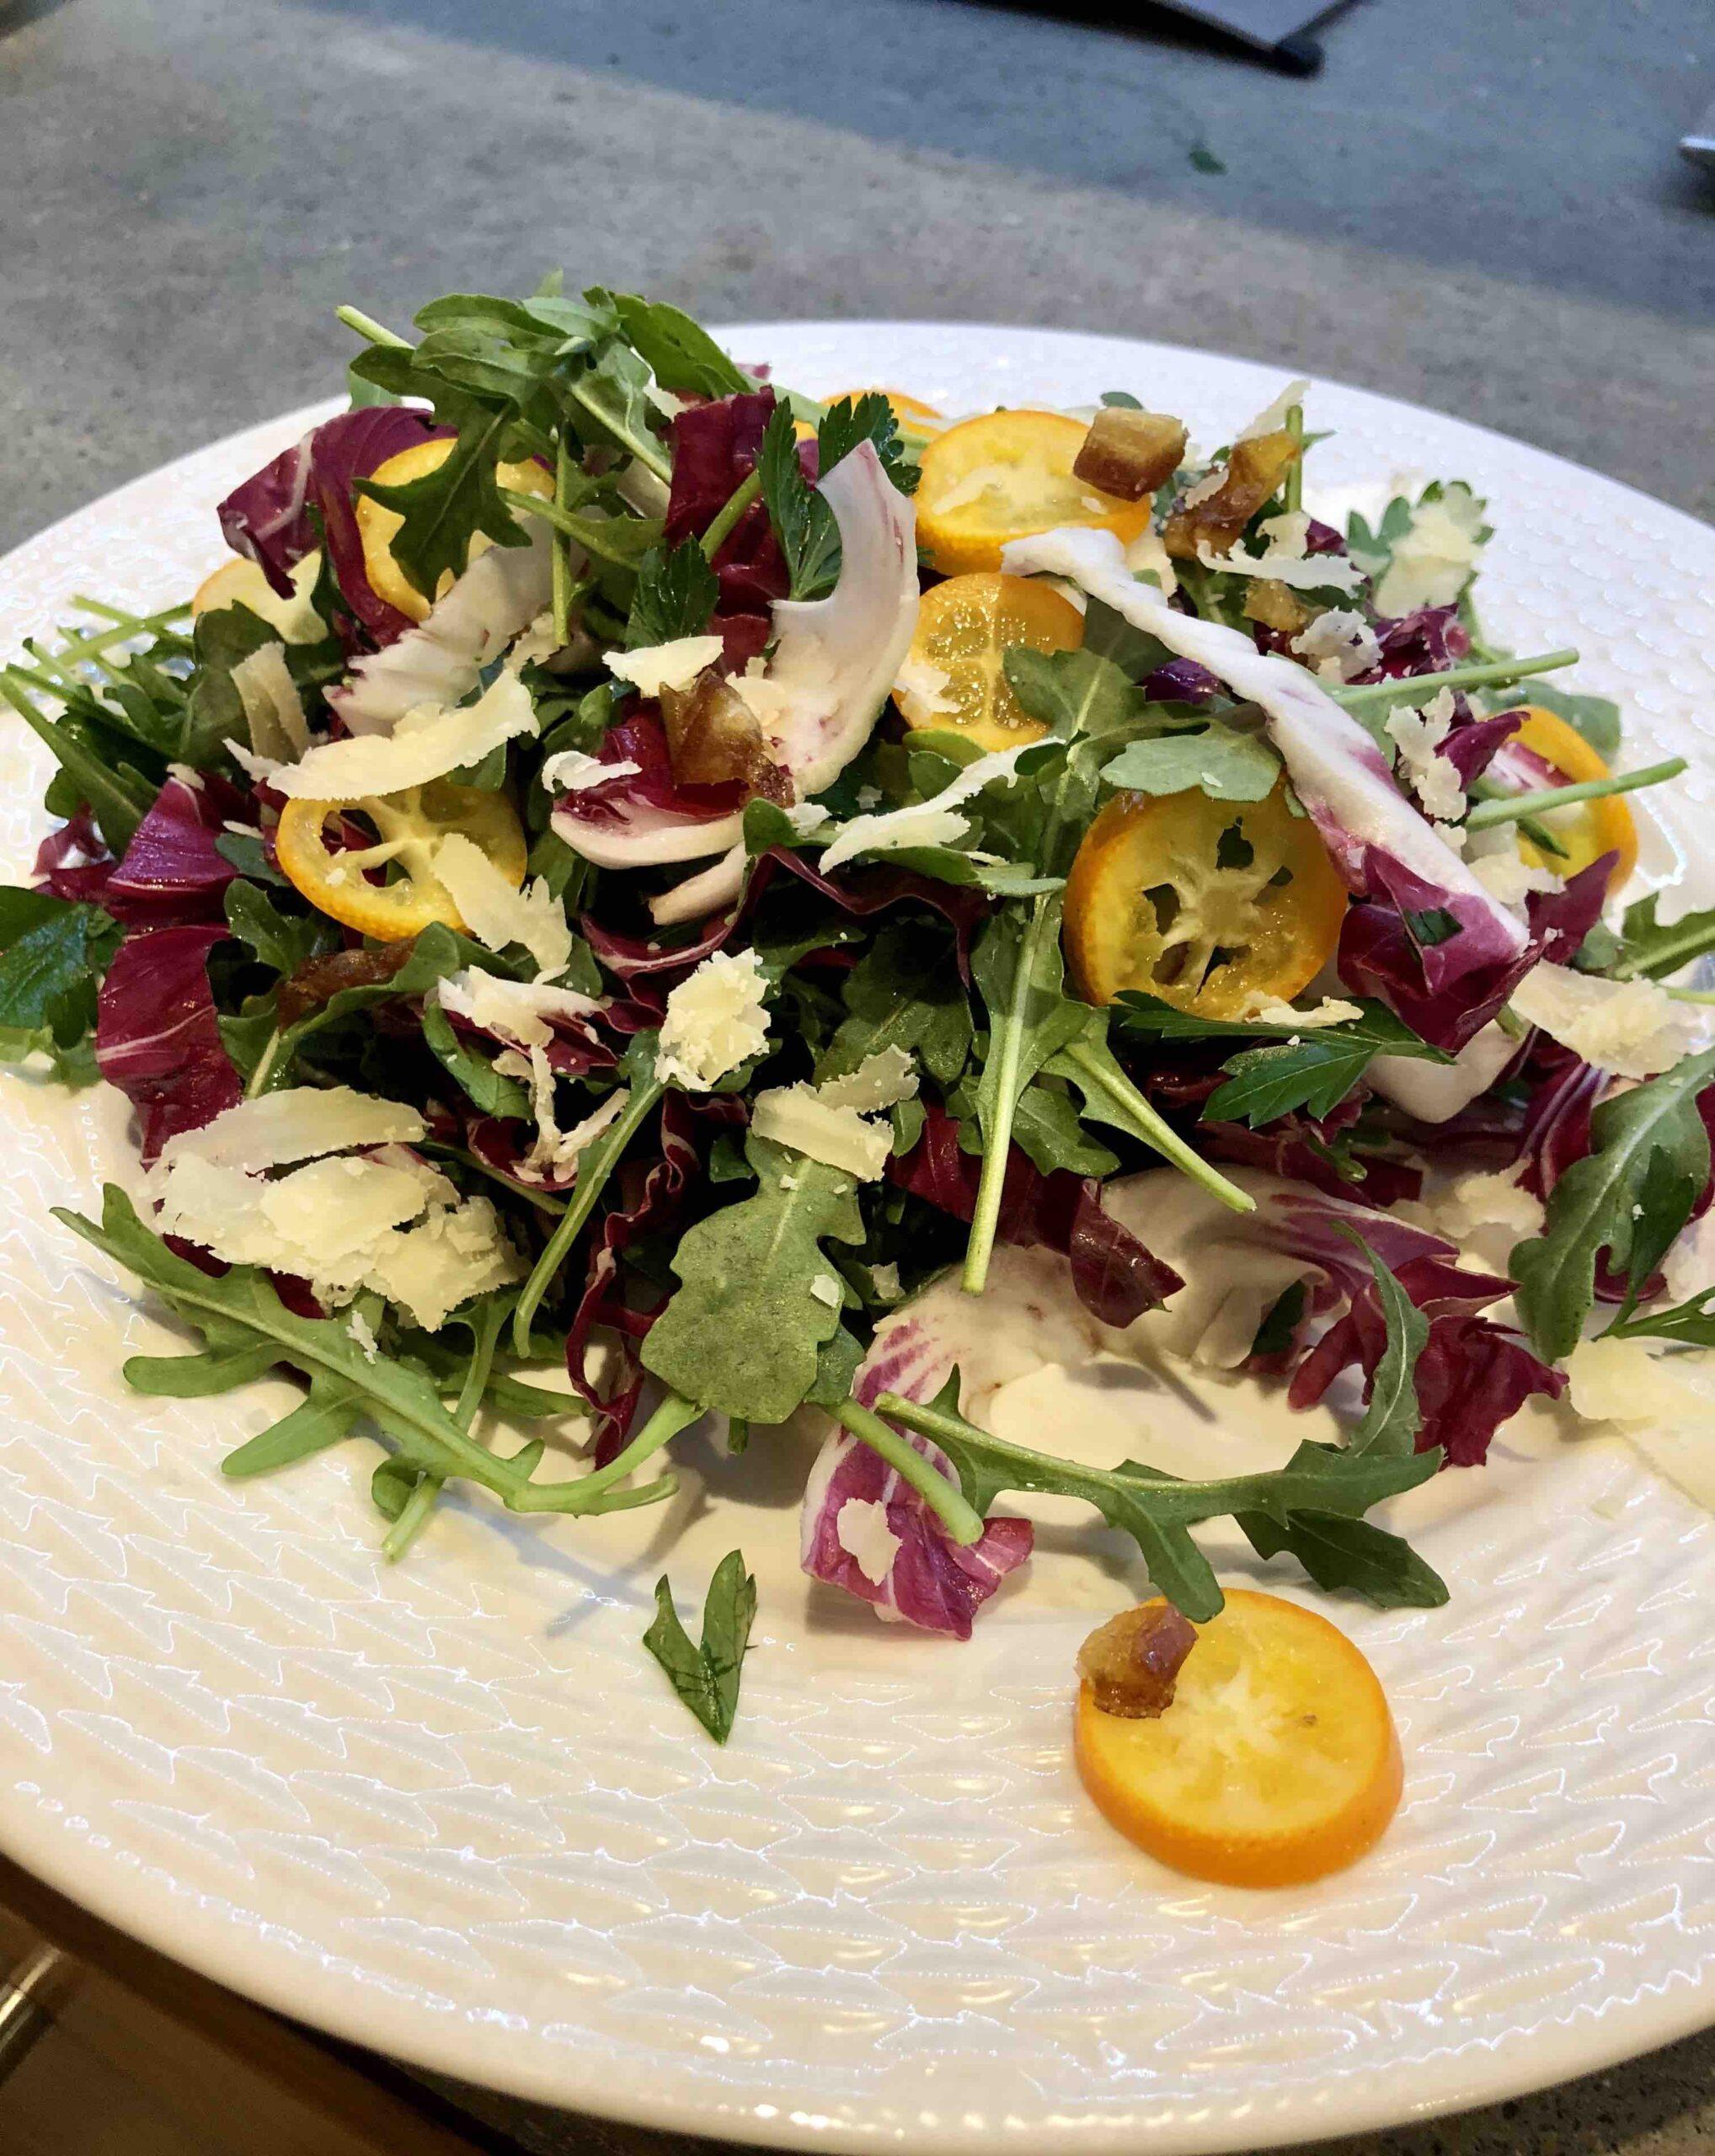 datequat salad